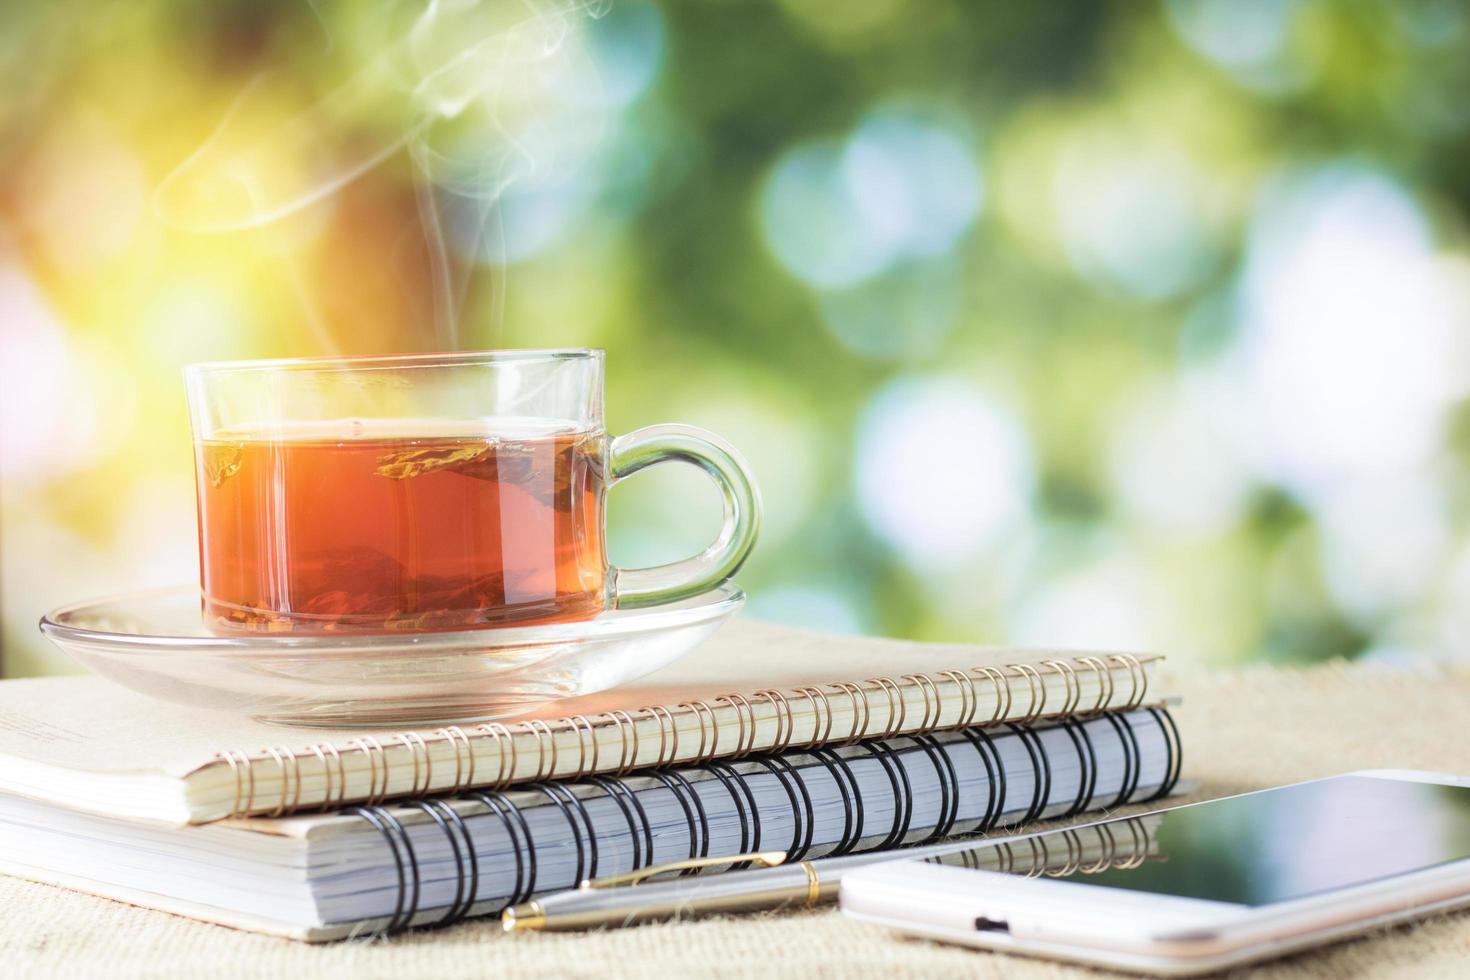 Verre de thé chaud sur une table en bois pour boire le matin photo